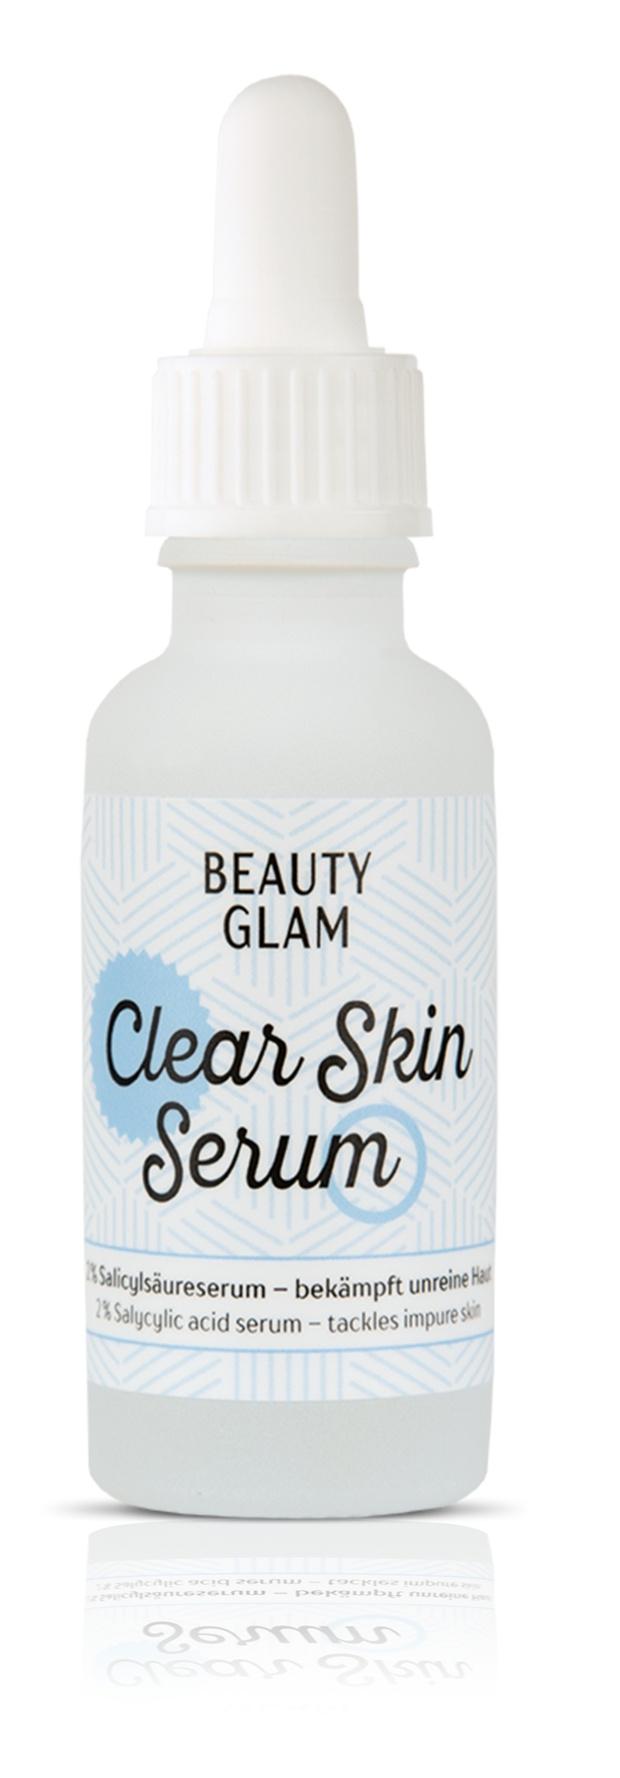 Beauty Glam Clear Skin Serum